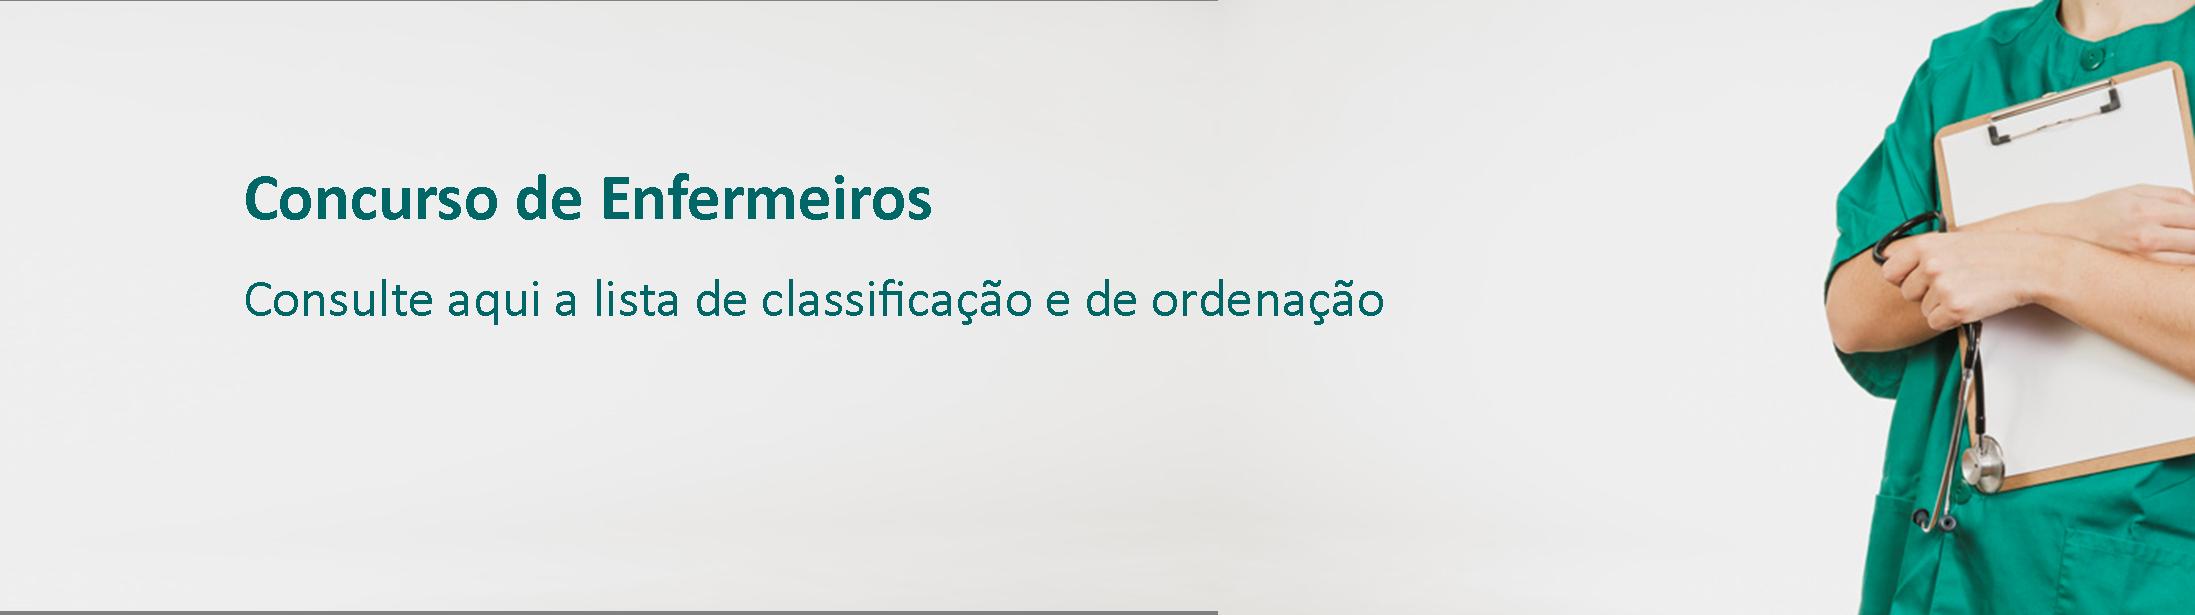 concurso enfermeiros_lista clasificação e ordenação_2